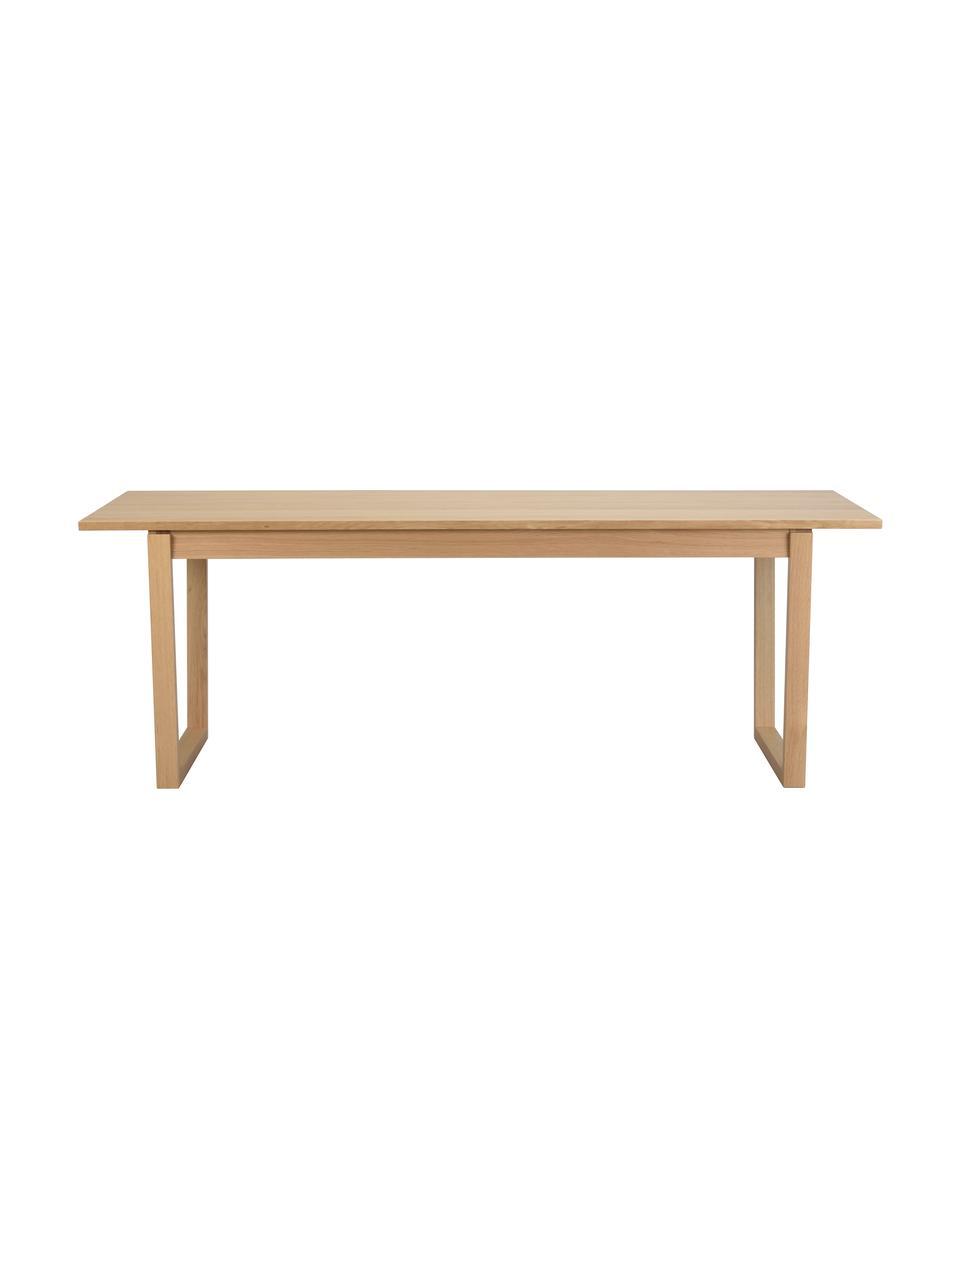 Stół do jadalni Colonsay, Blat: płyta pilśniowa średniej , Fornir z drewna dębowego, S 215 x G 96 cm